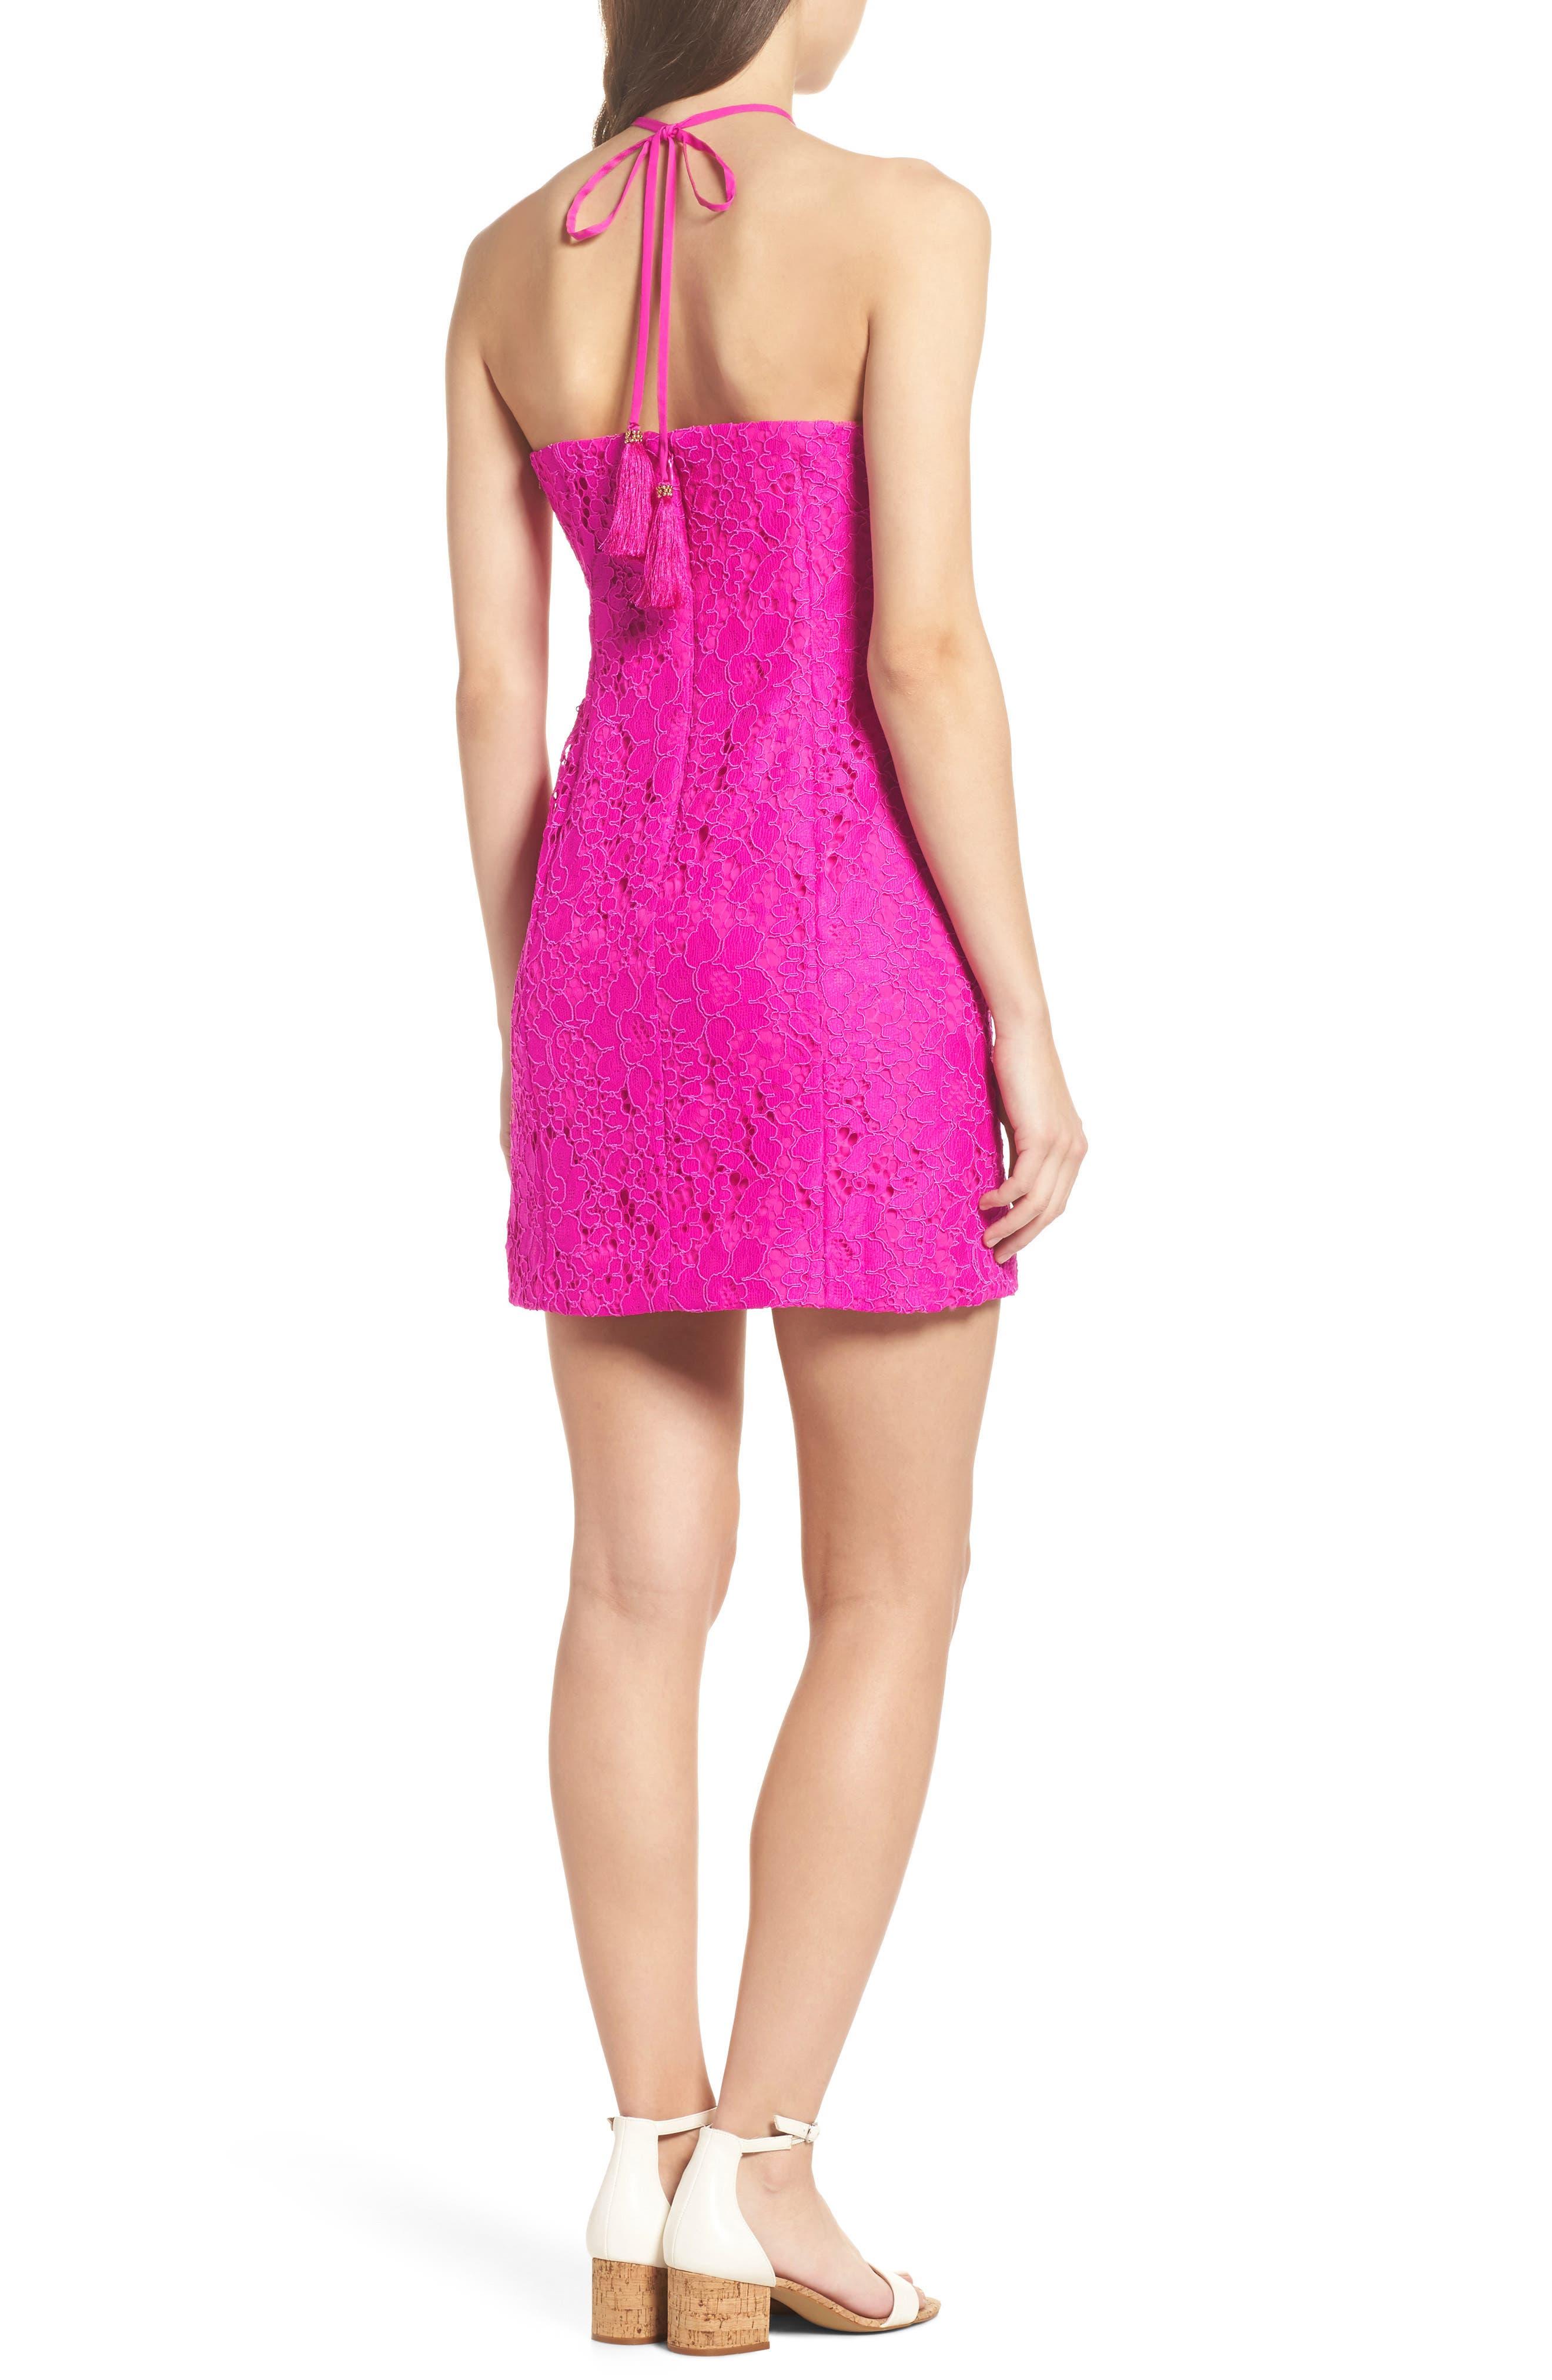 Demi Lace Dress,                             Alternate thumbnail 2, color,                             BERRY SANGRIA FLORAL LACE